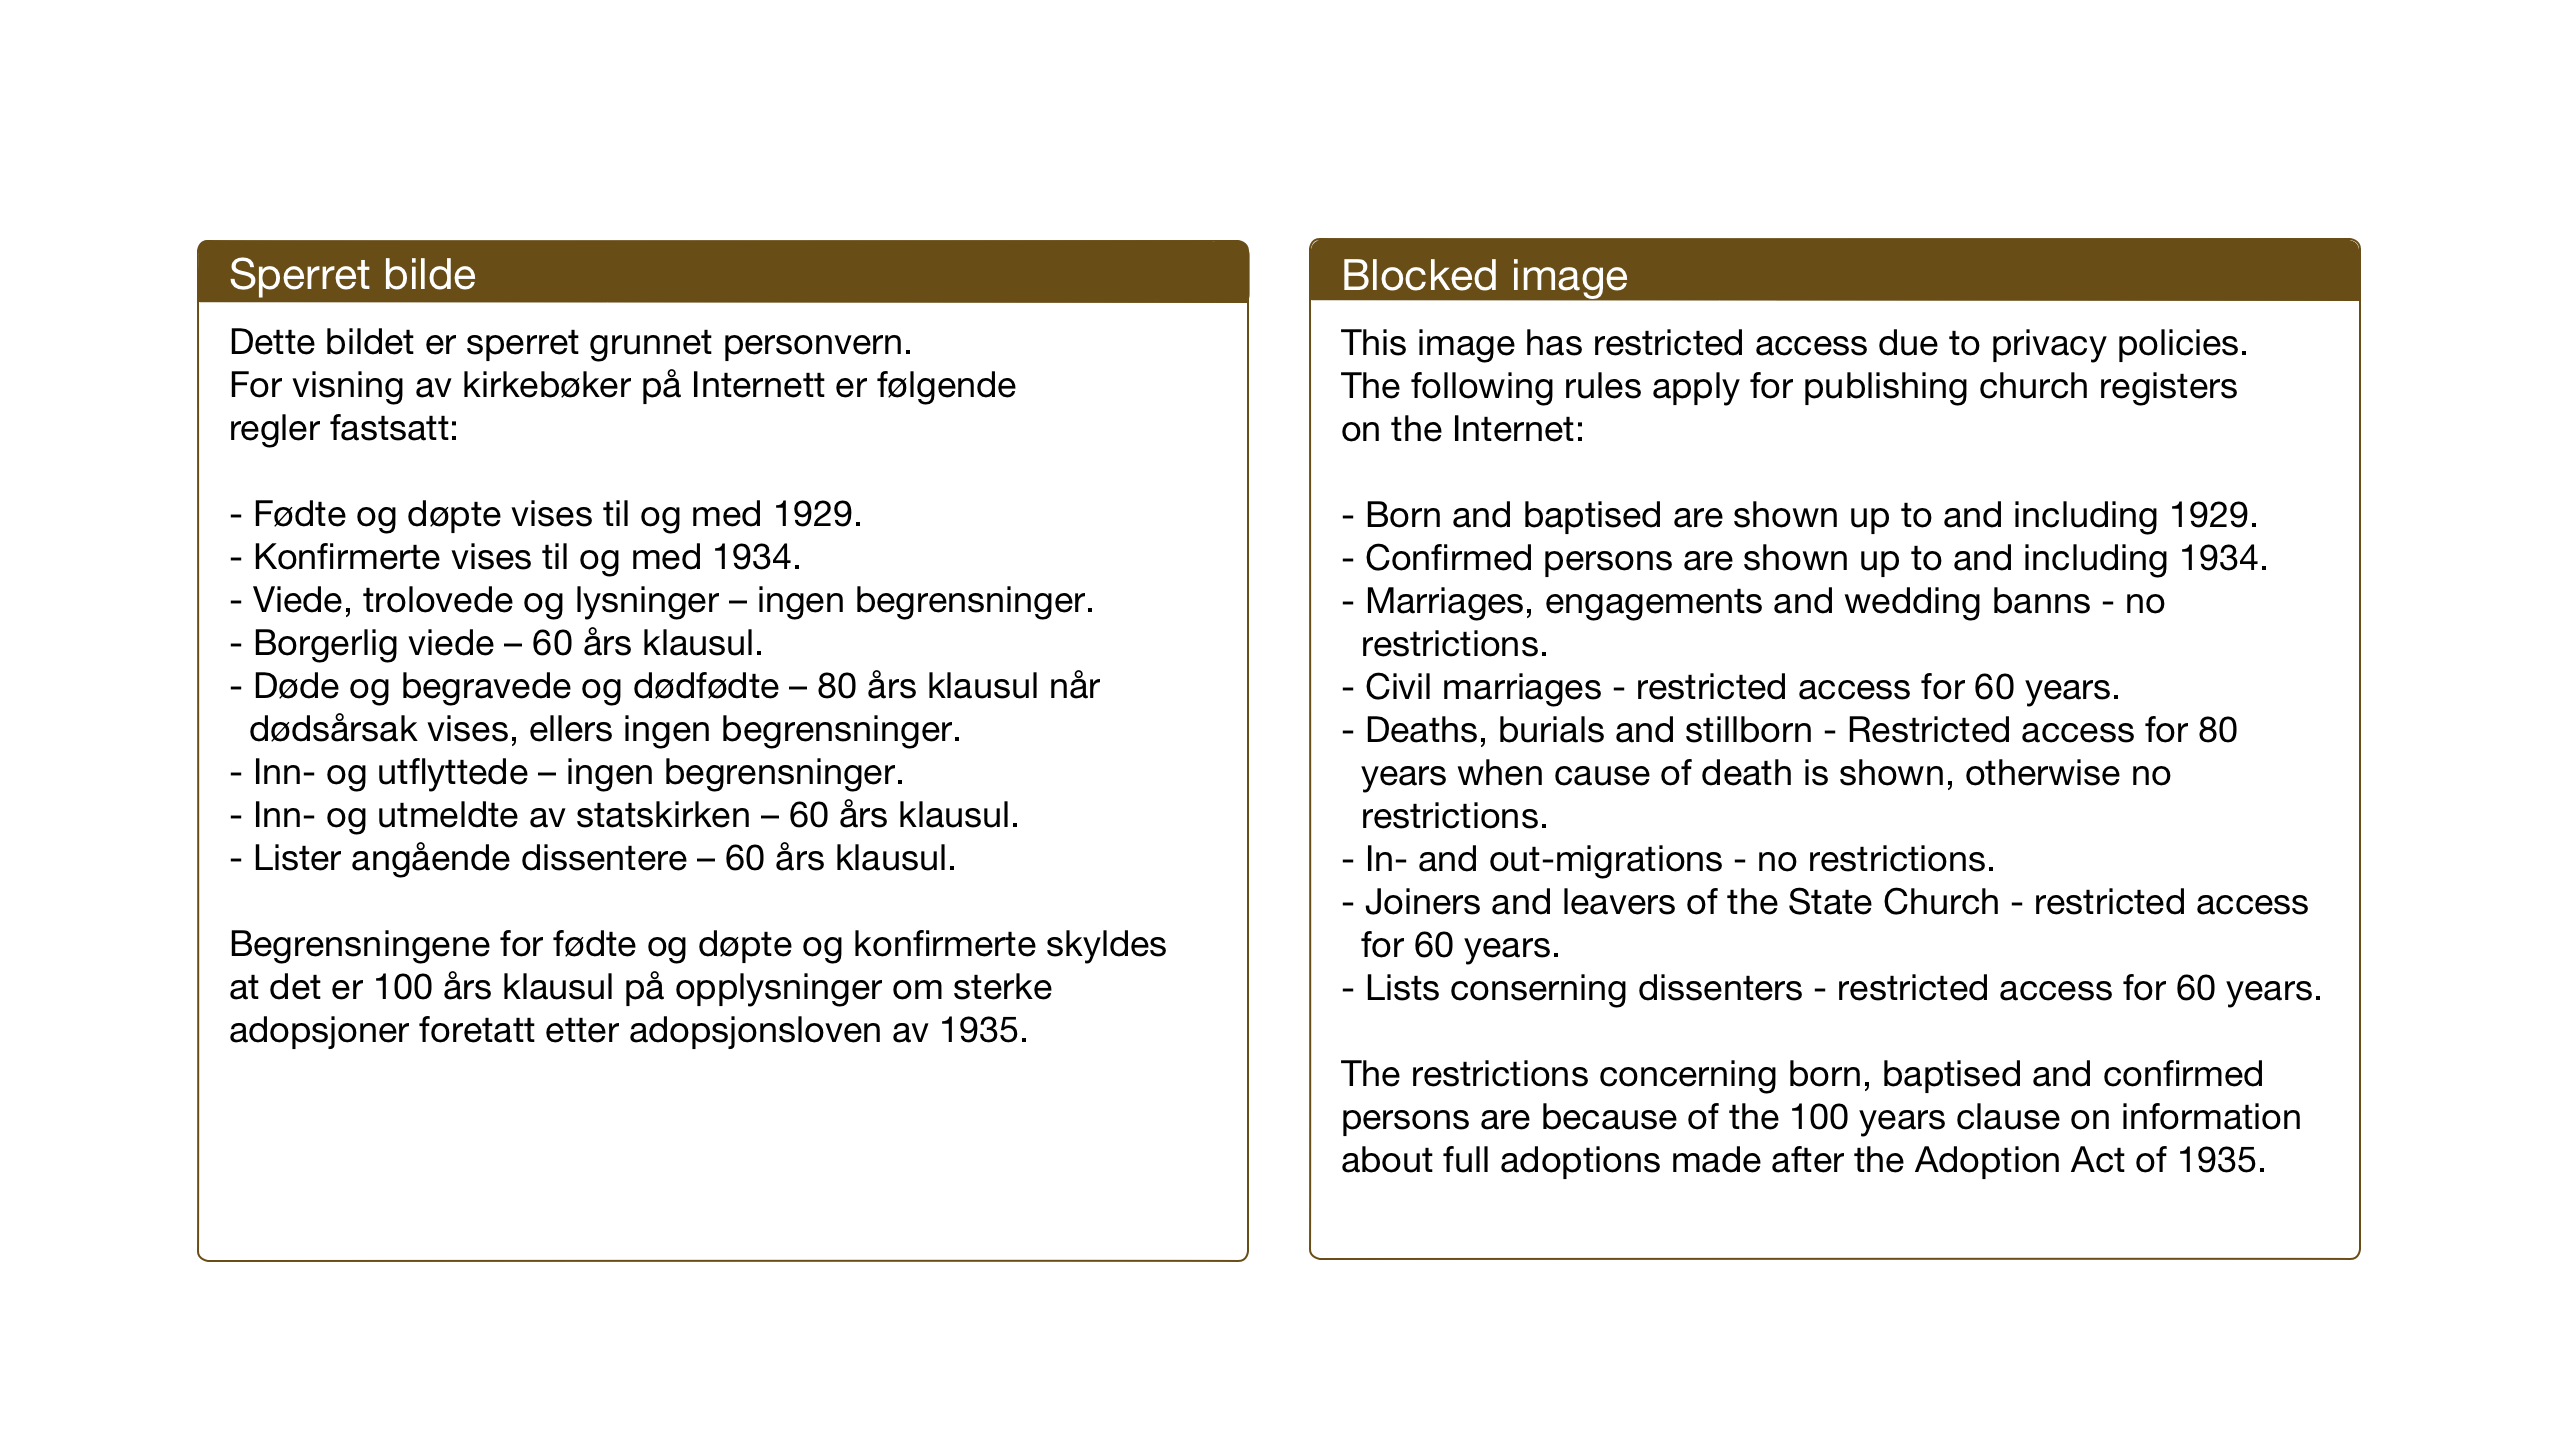 SAT, Ministerialprotokoller, klokkerbøker og fødselsregistre - Nord-Trøndelag, 722/L0227: Klokkerbok nr. 722C03, 1928-1958, s. 81